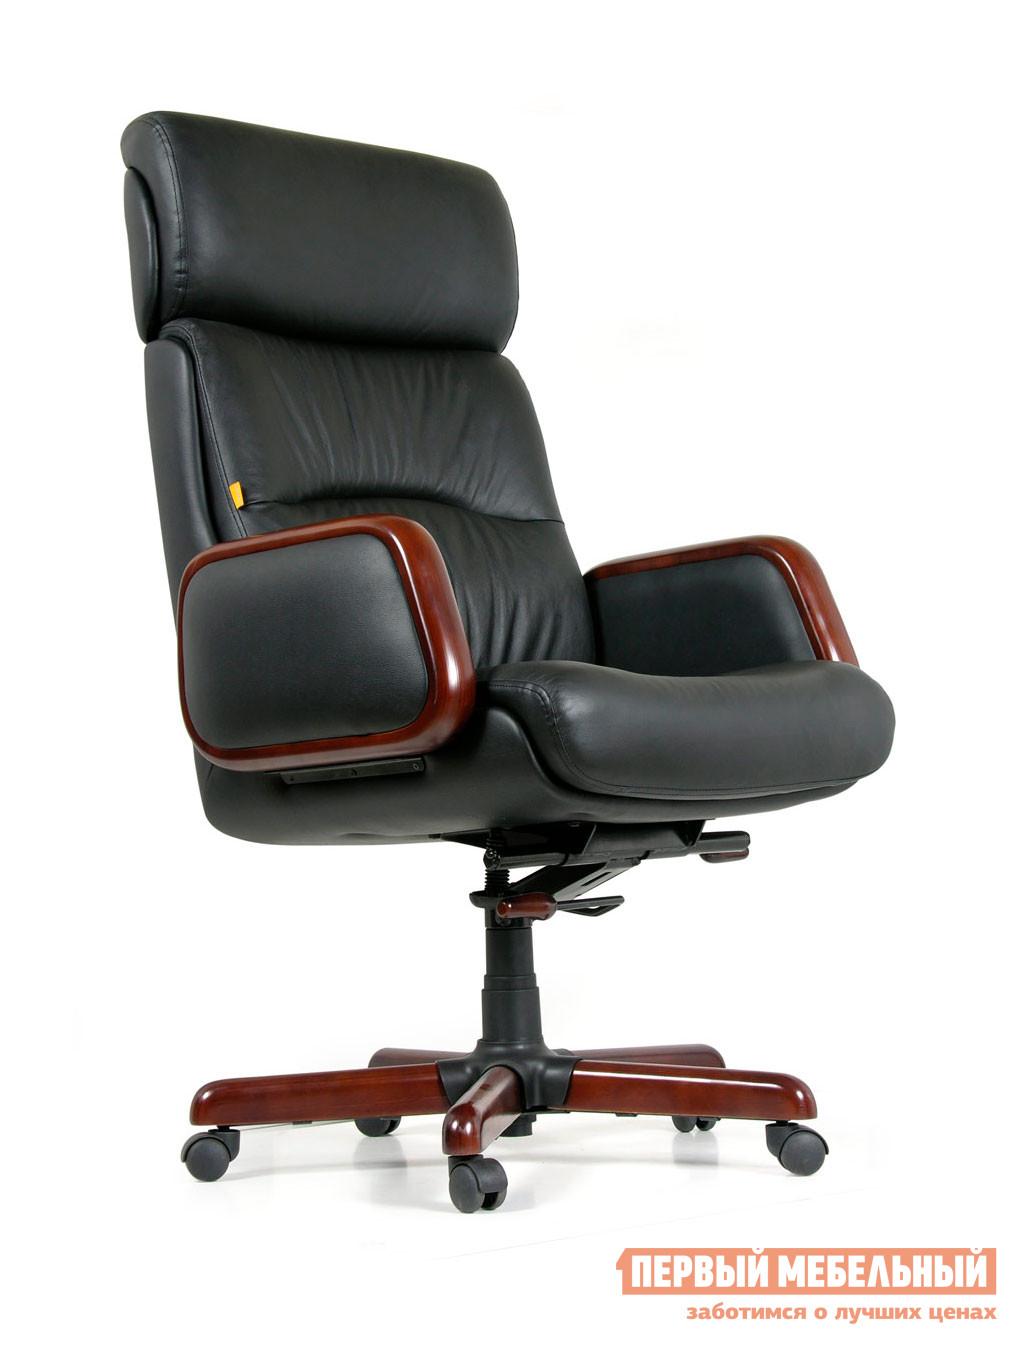 Кресло руководителя Тайпит CH 417 кресло руководителя тайпит ch 435